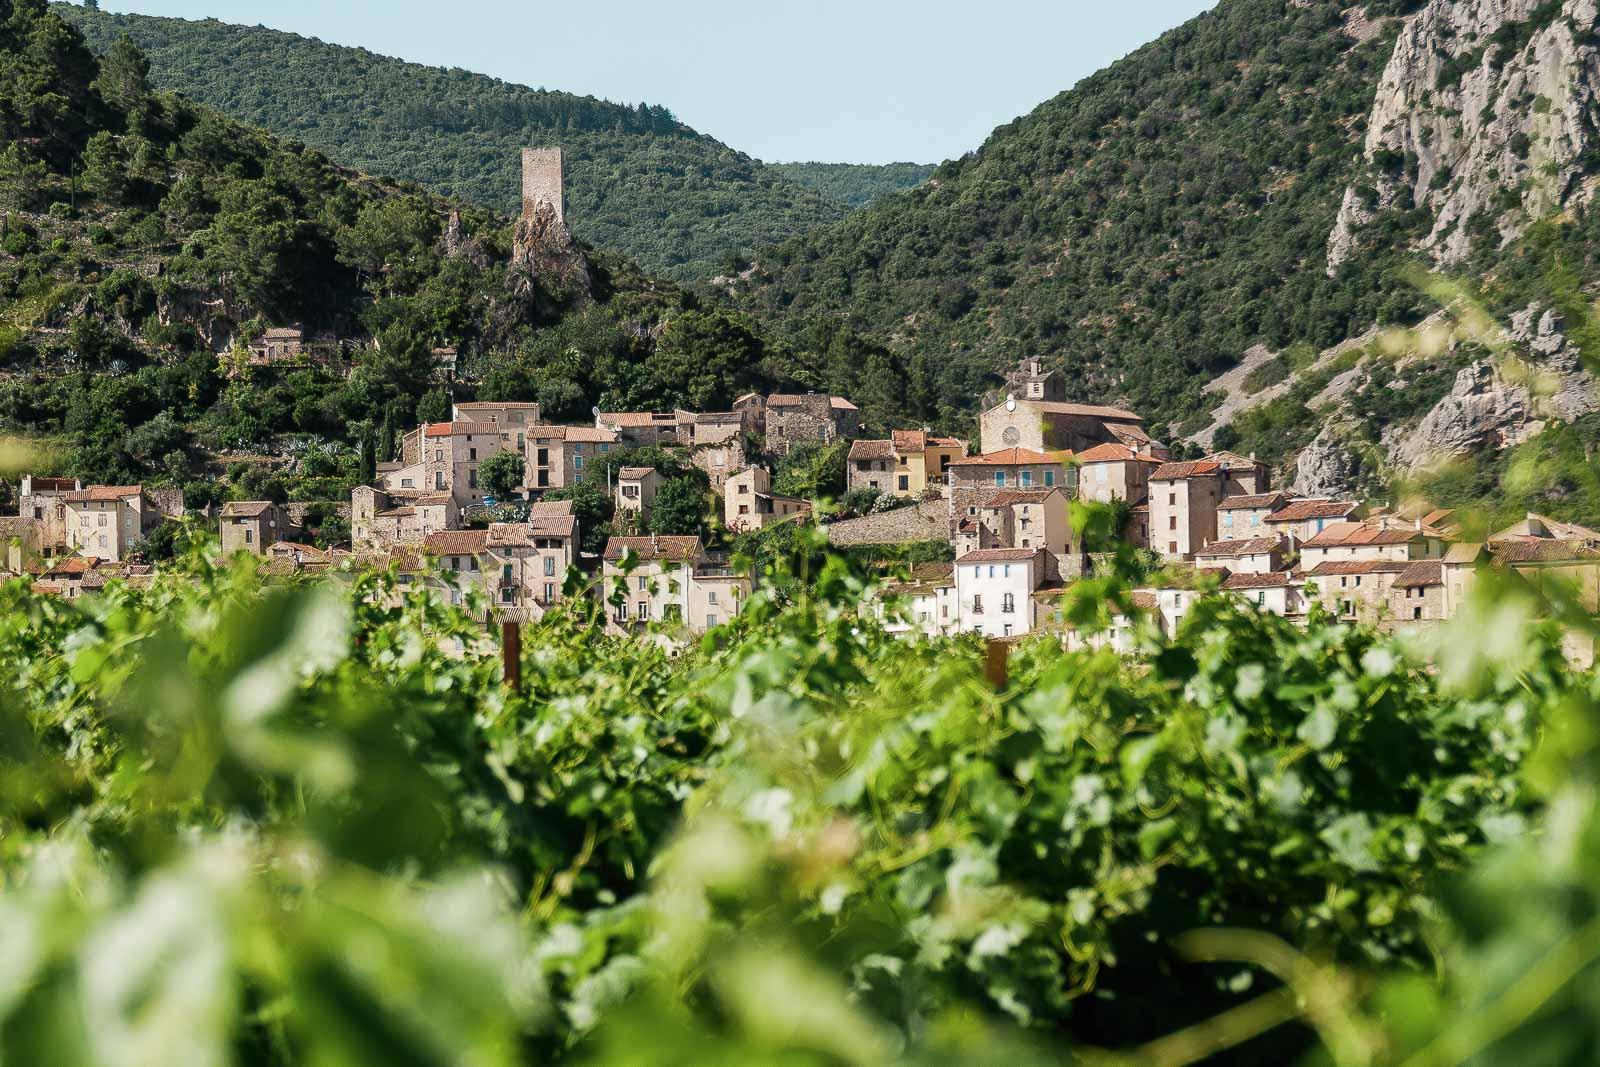 Découvrir Roquebrun dans la parc naturel régional du Haut Languedoc.